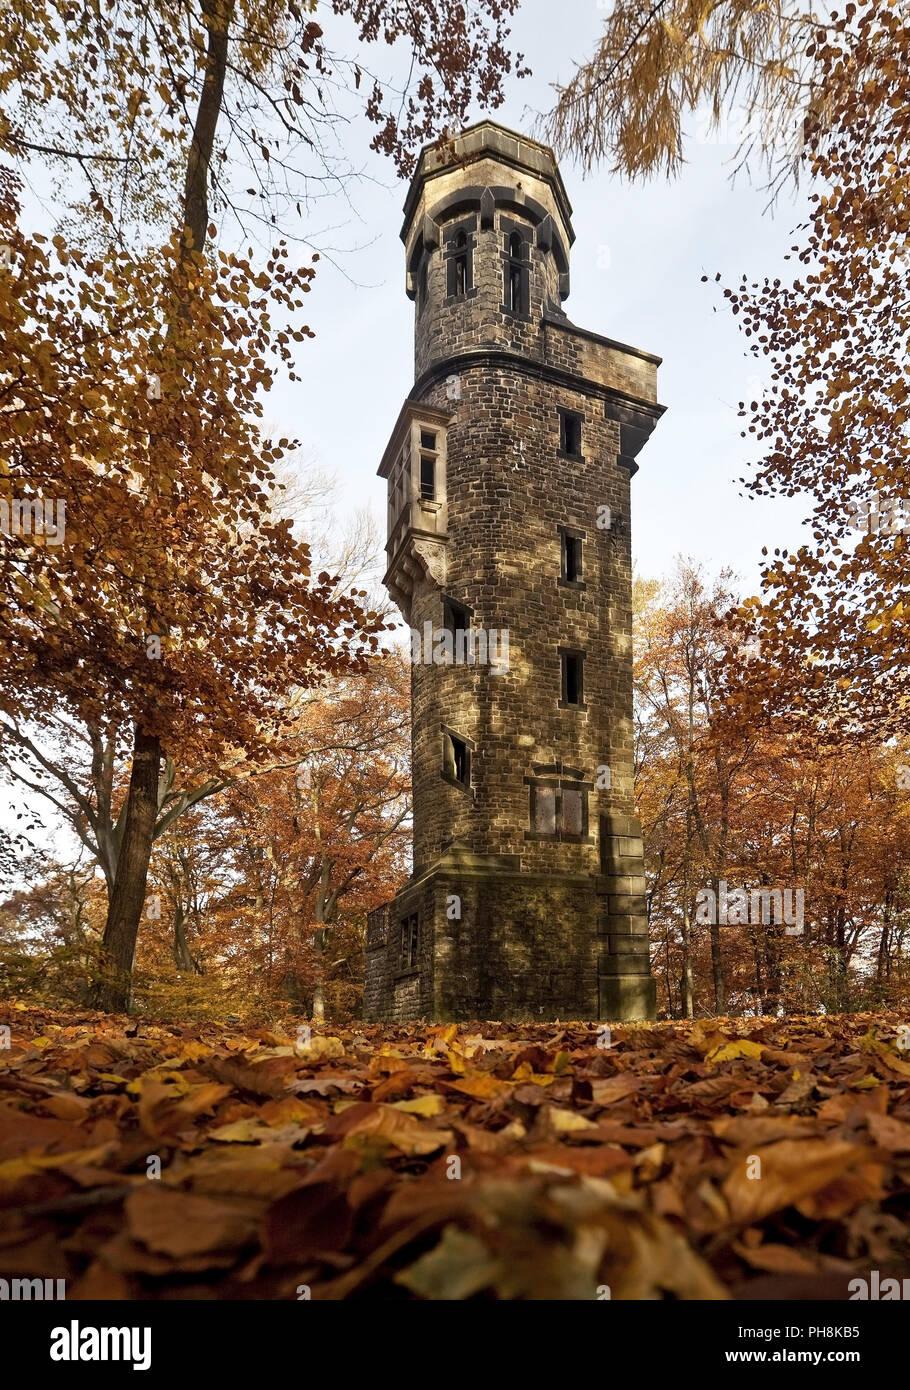 Die Von-der-Heydt-Turm, Herbst, Wuppertal Stockbild